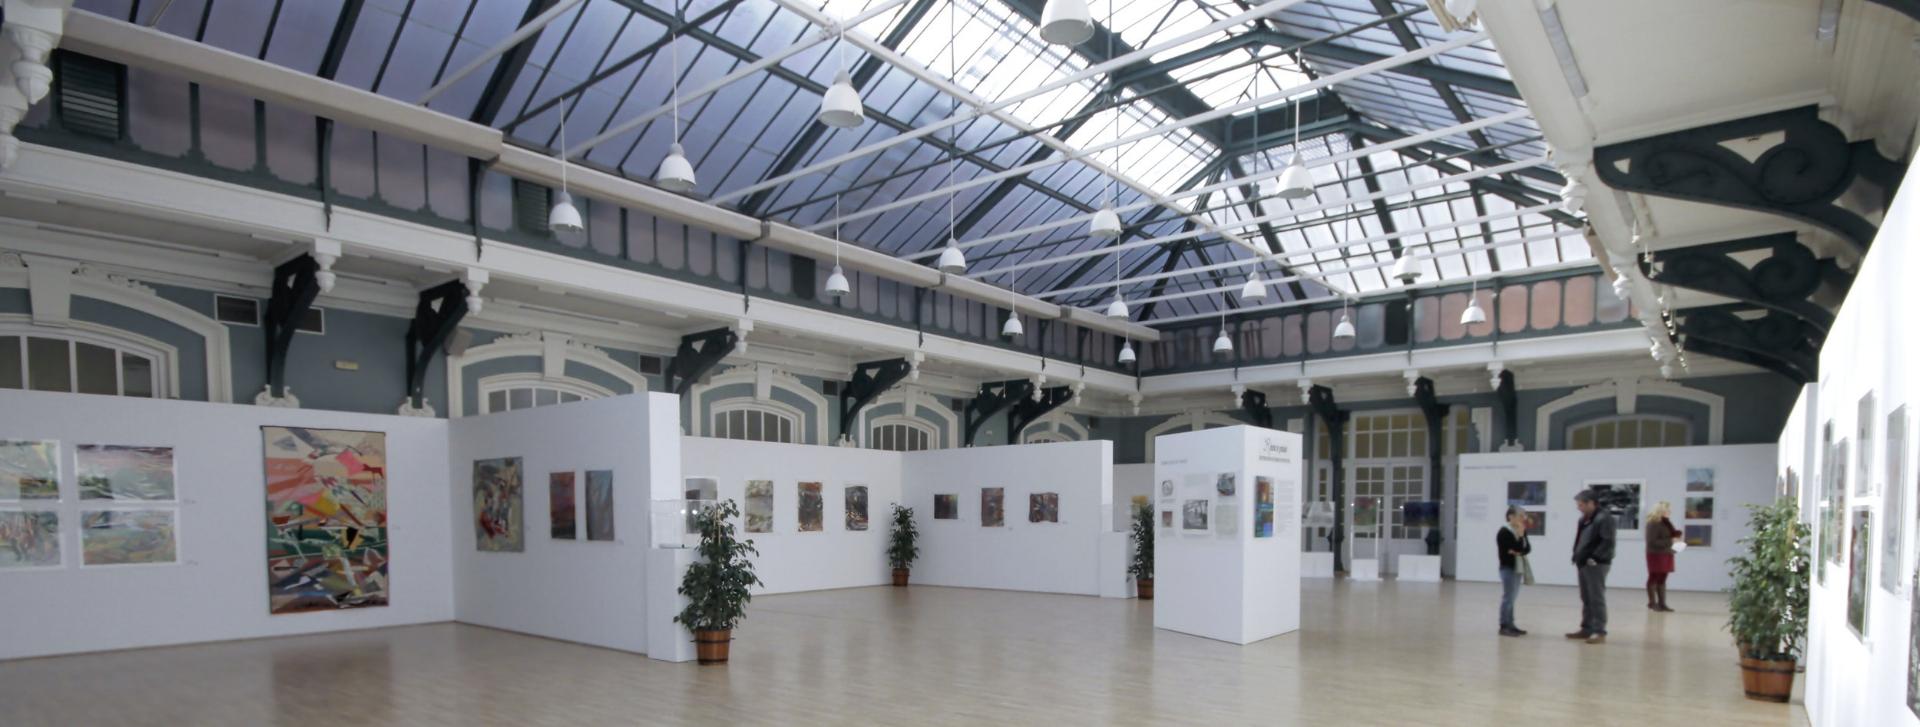 Foto de la exposición (Foto de Jesús Pozo)